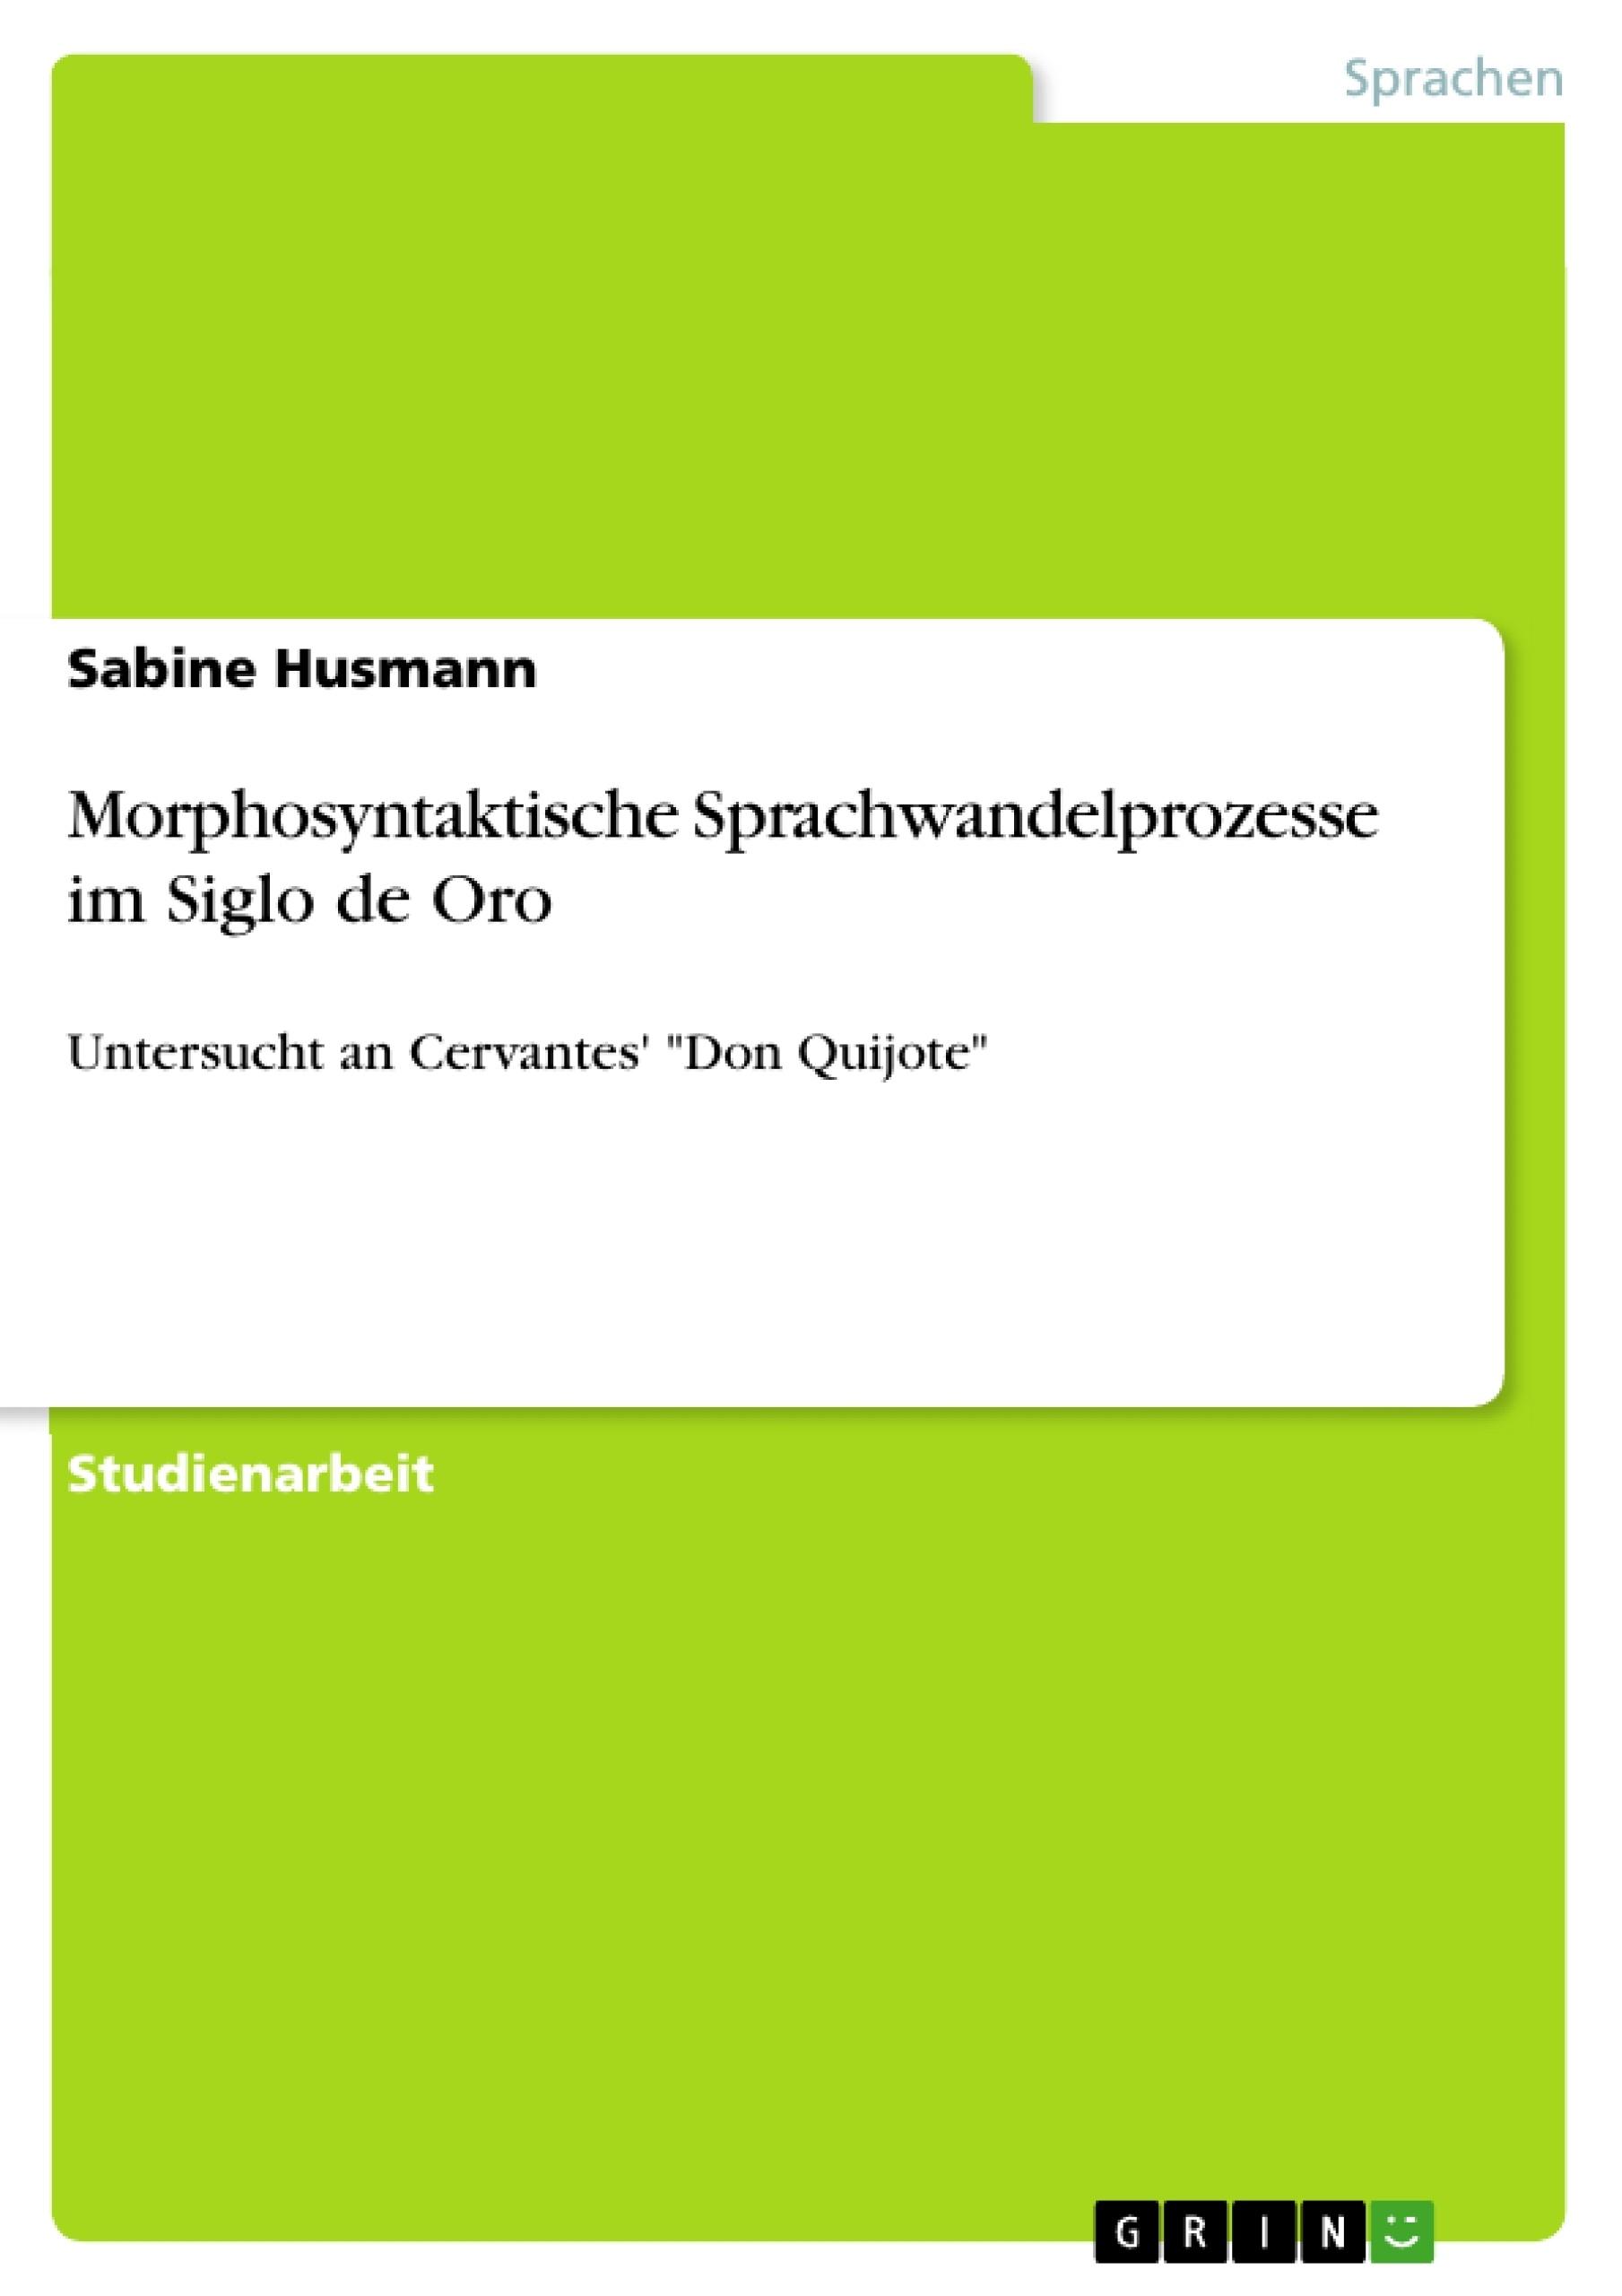 Titel: Morphosyntaktische Sprachwandelprozesse im Siglo de Oro